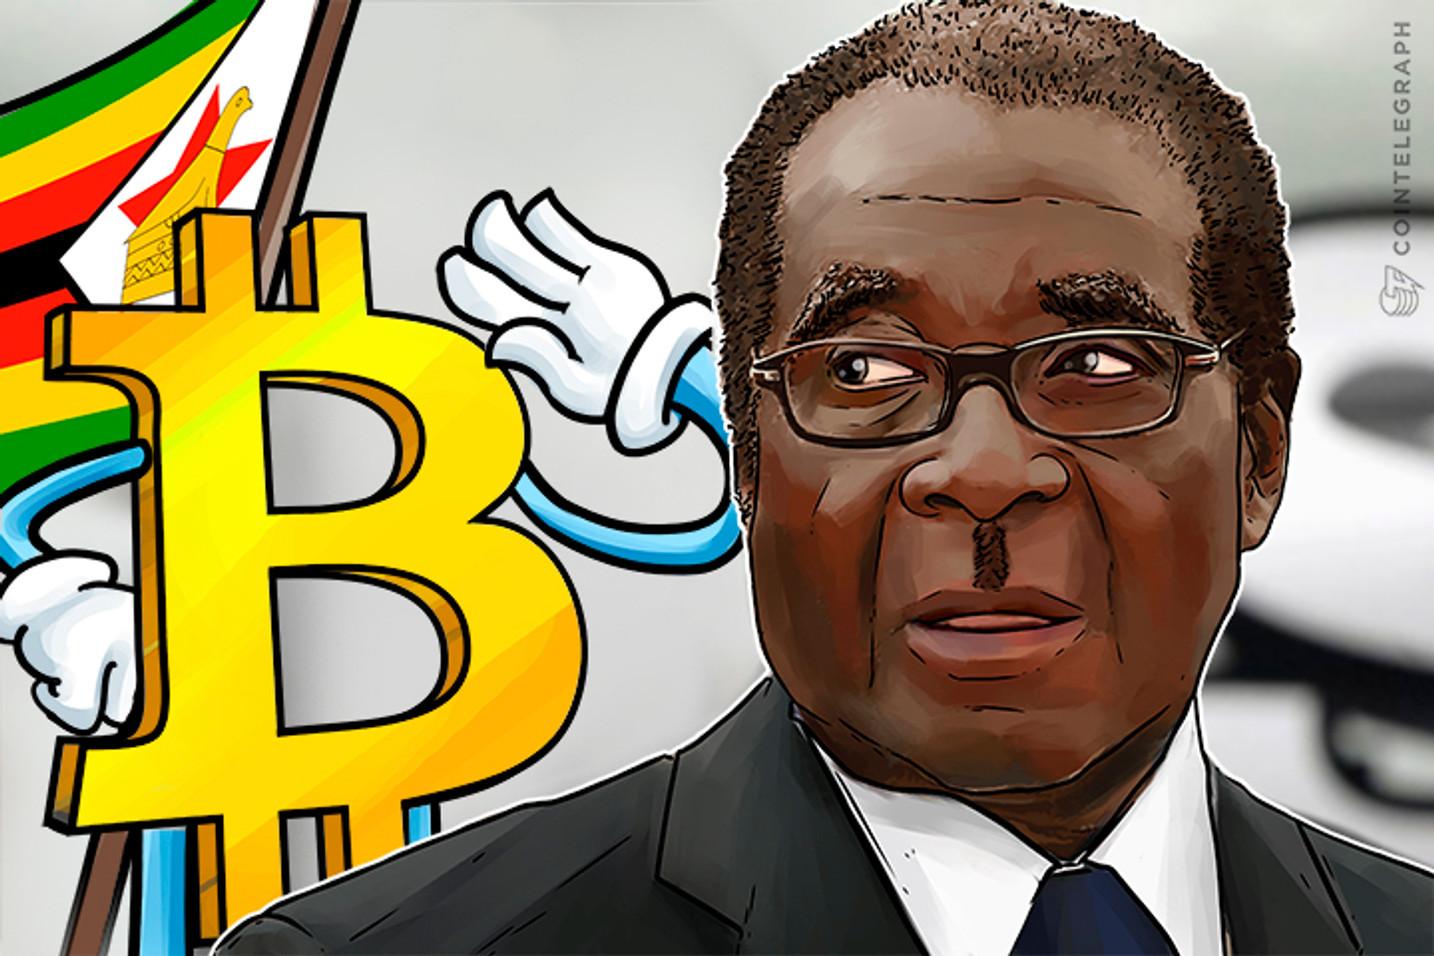 La demanda de Bitcoin aumenta en Zimbabwe tras un golpe exitoso